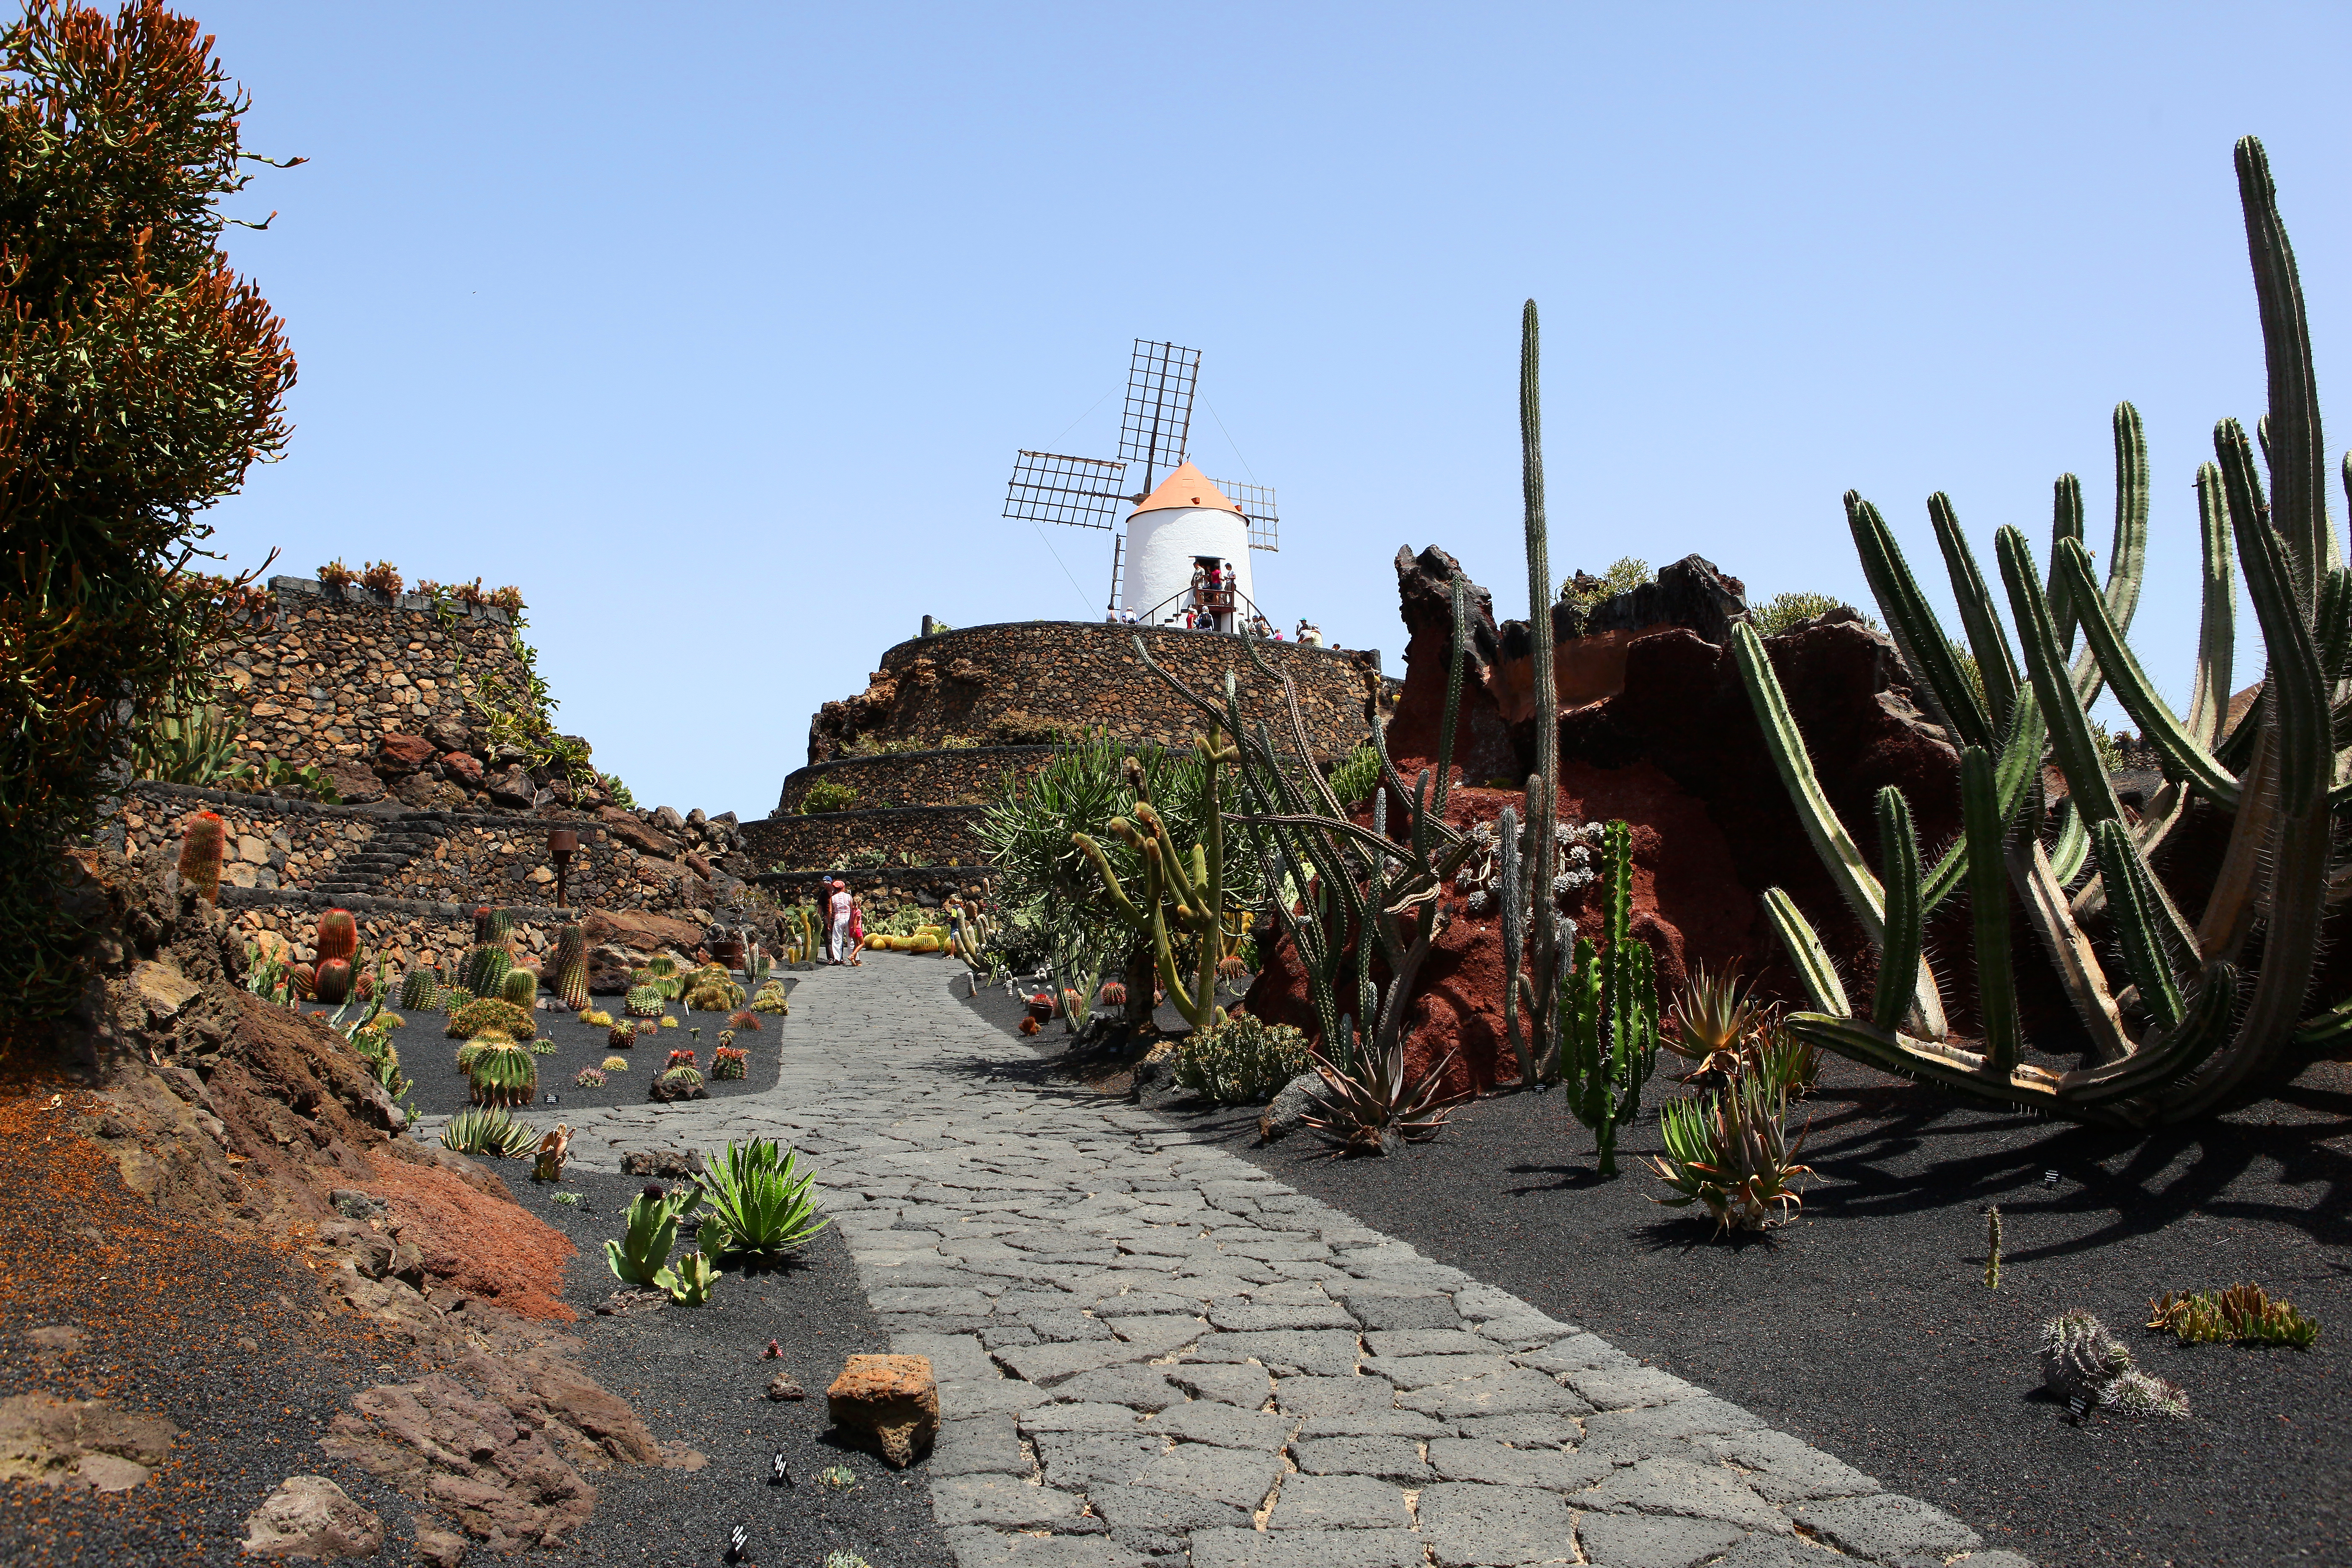 Jardin De Cactus Jardn de cactus lanzarote spanien rm video in